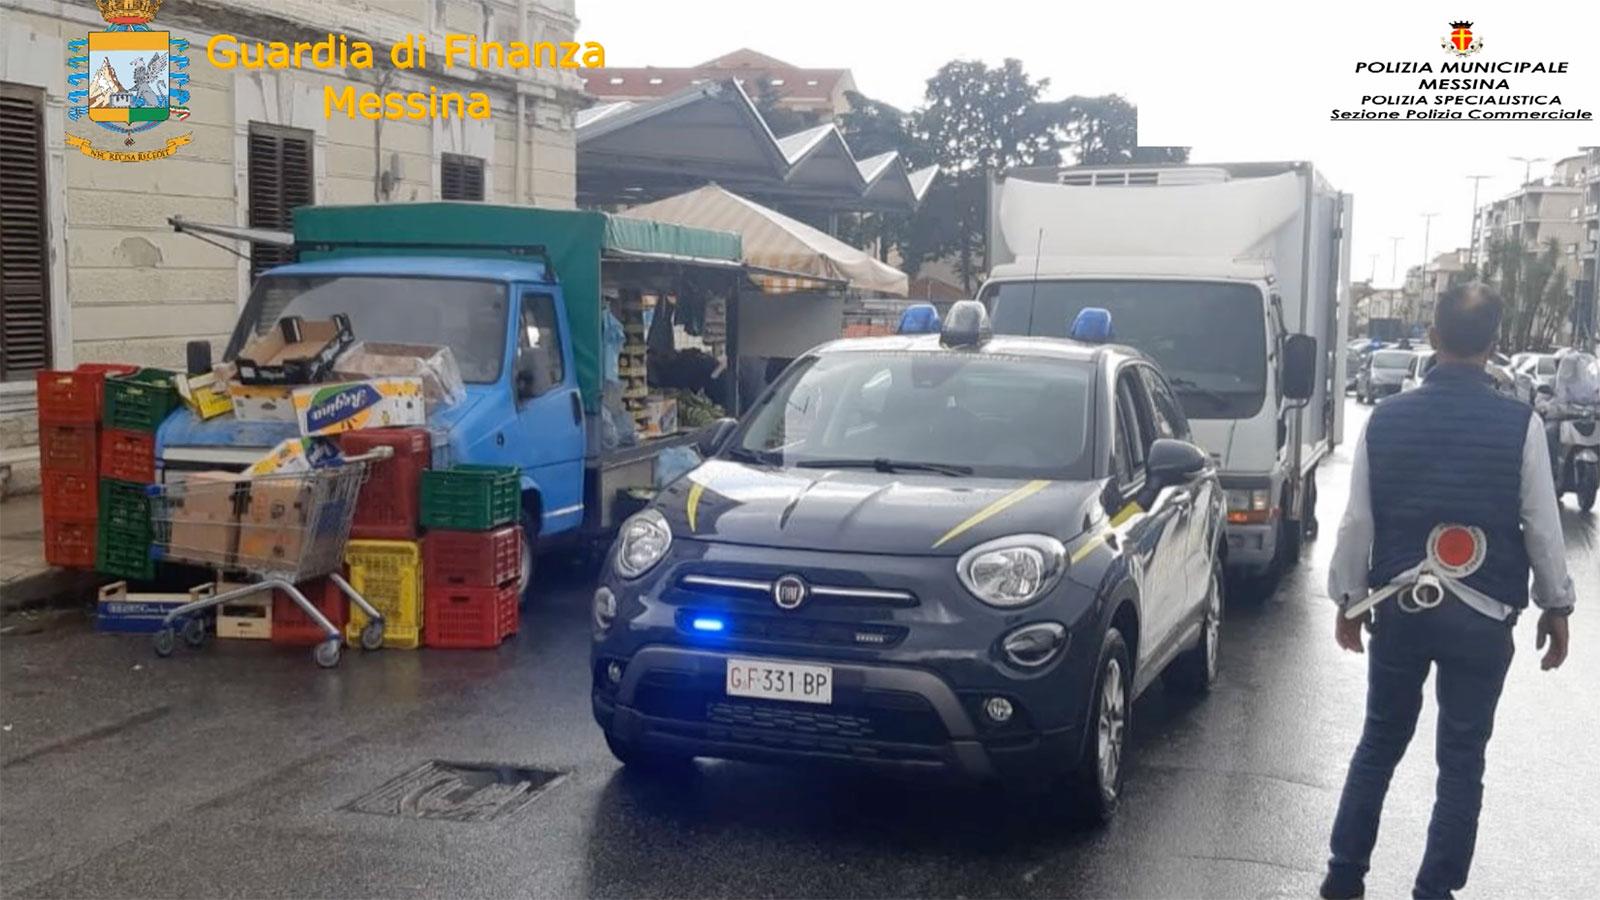 foto di un'auto della Guardia di Finanza sul viale europa durante i controlli contro l'ambulantato selvaggio